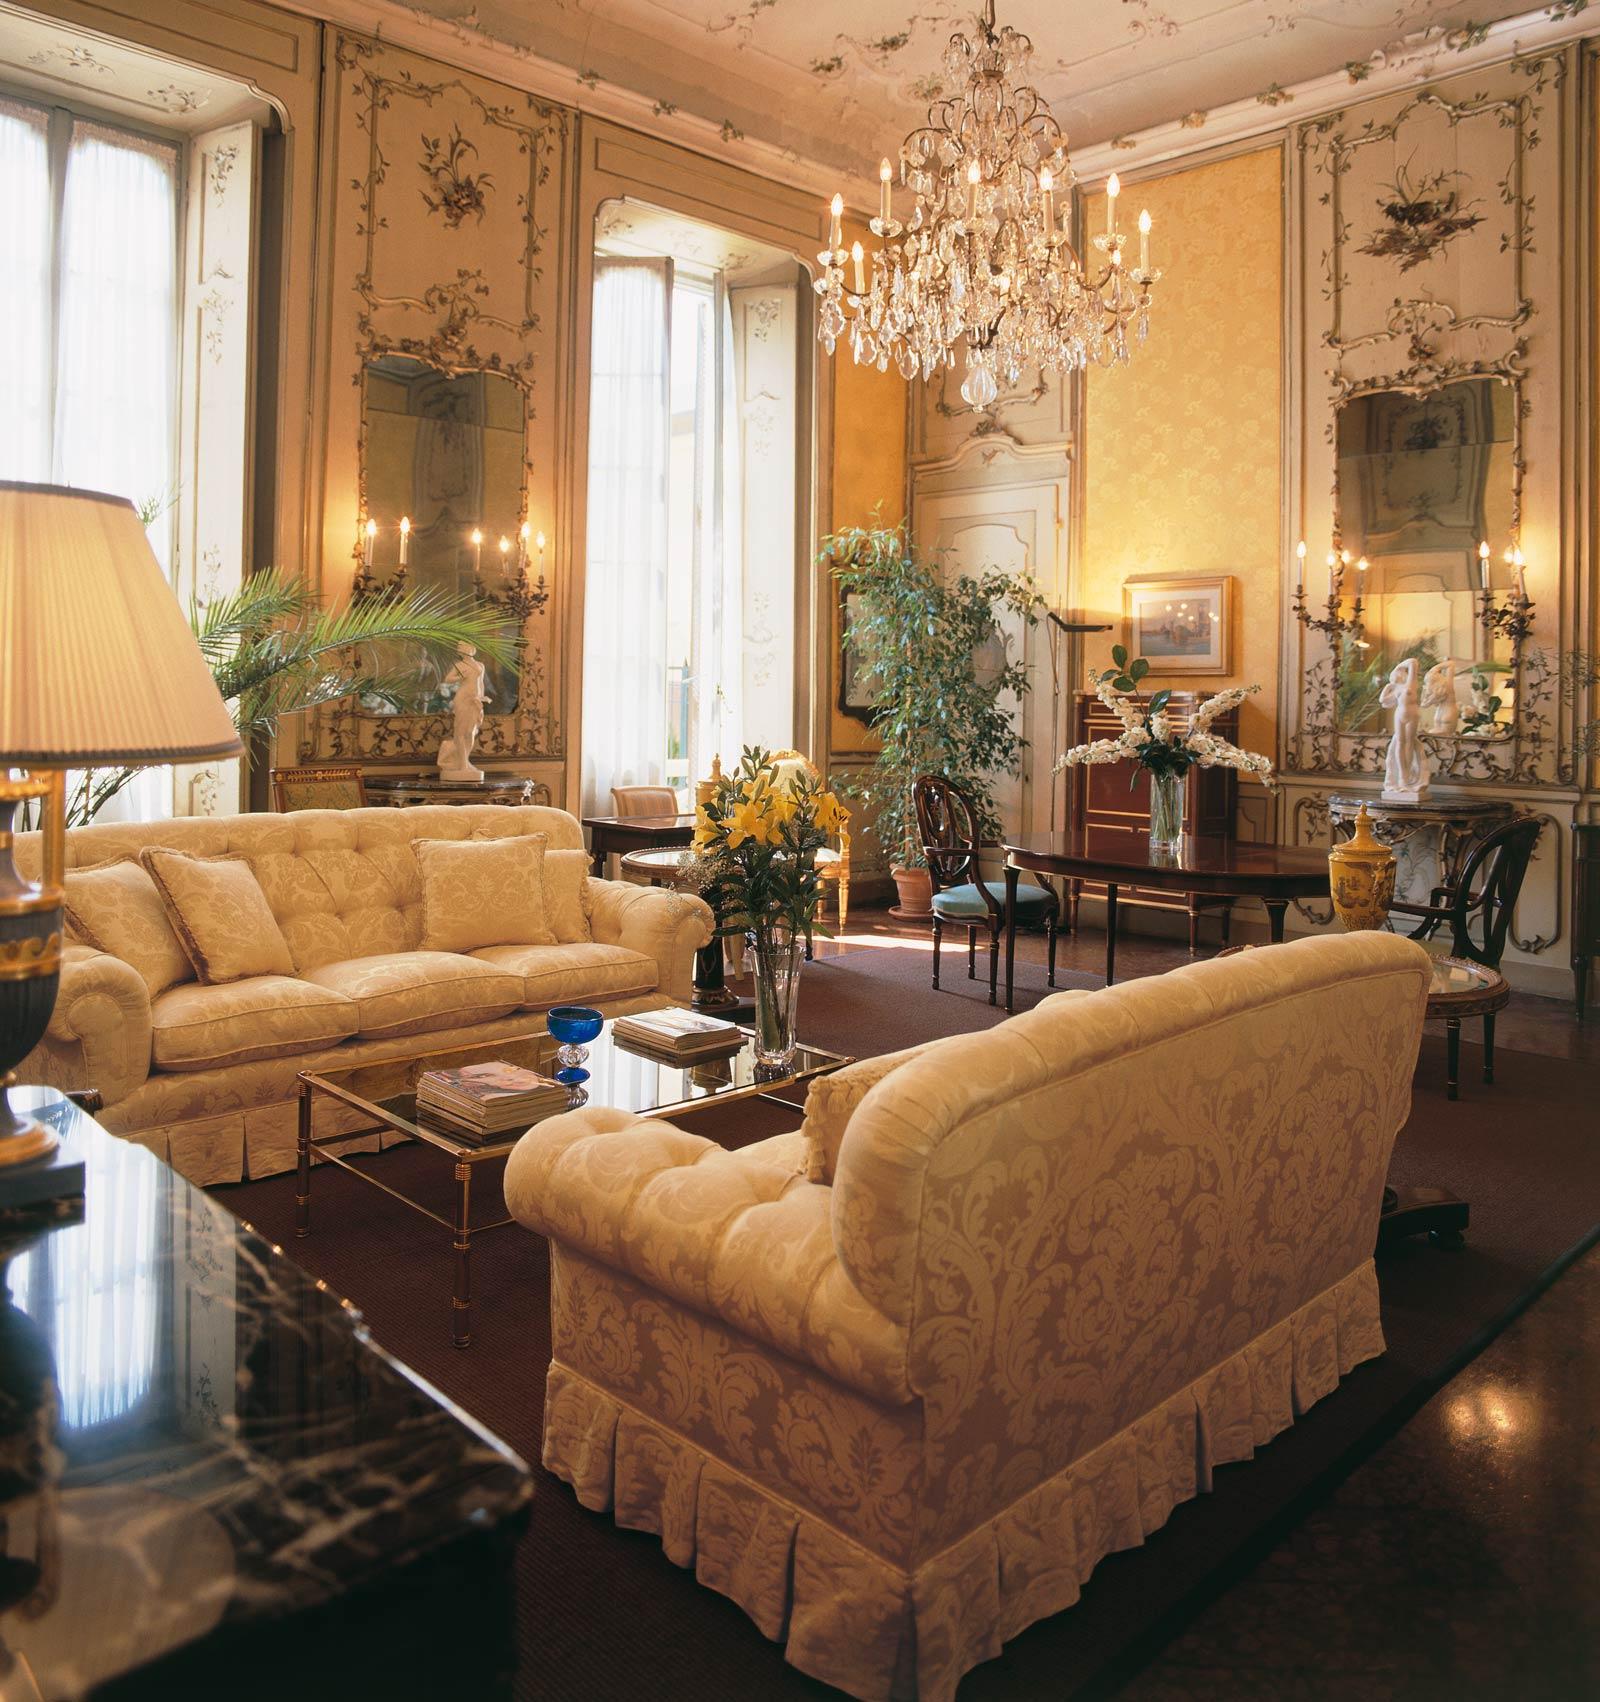 Stile E Interior Design Italiani A Londra: Divani Classici, Tante Idee Per Arredare Il Tuo Salotto In